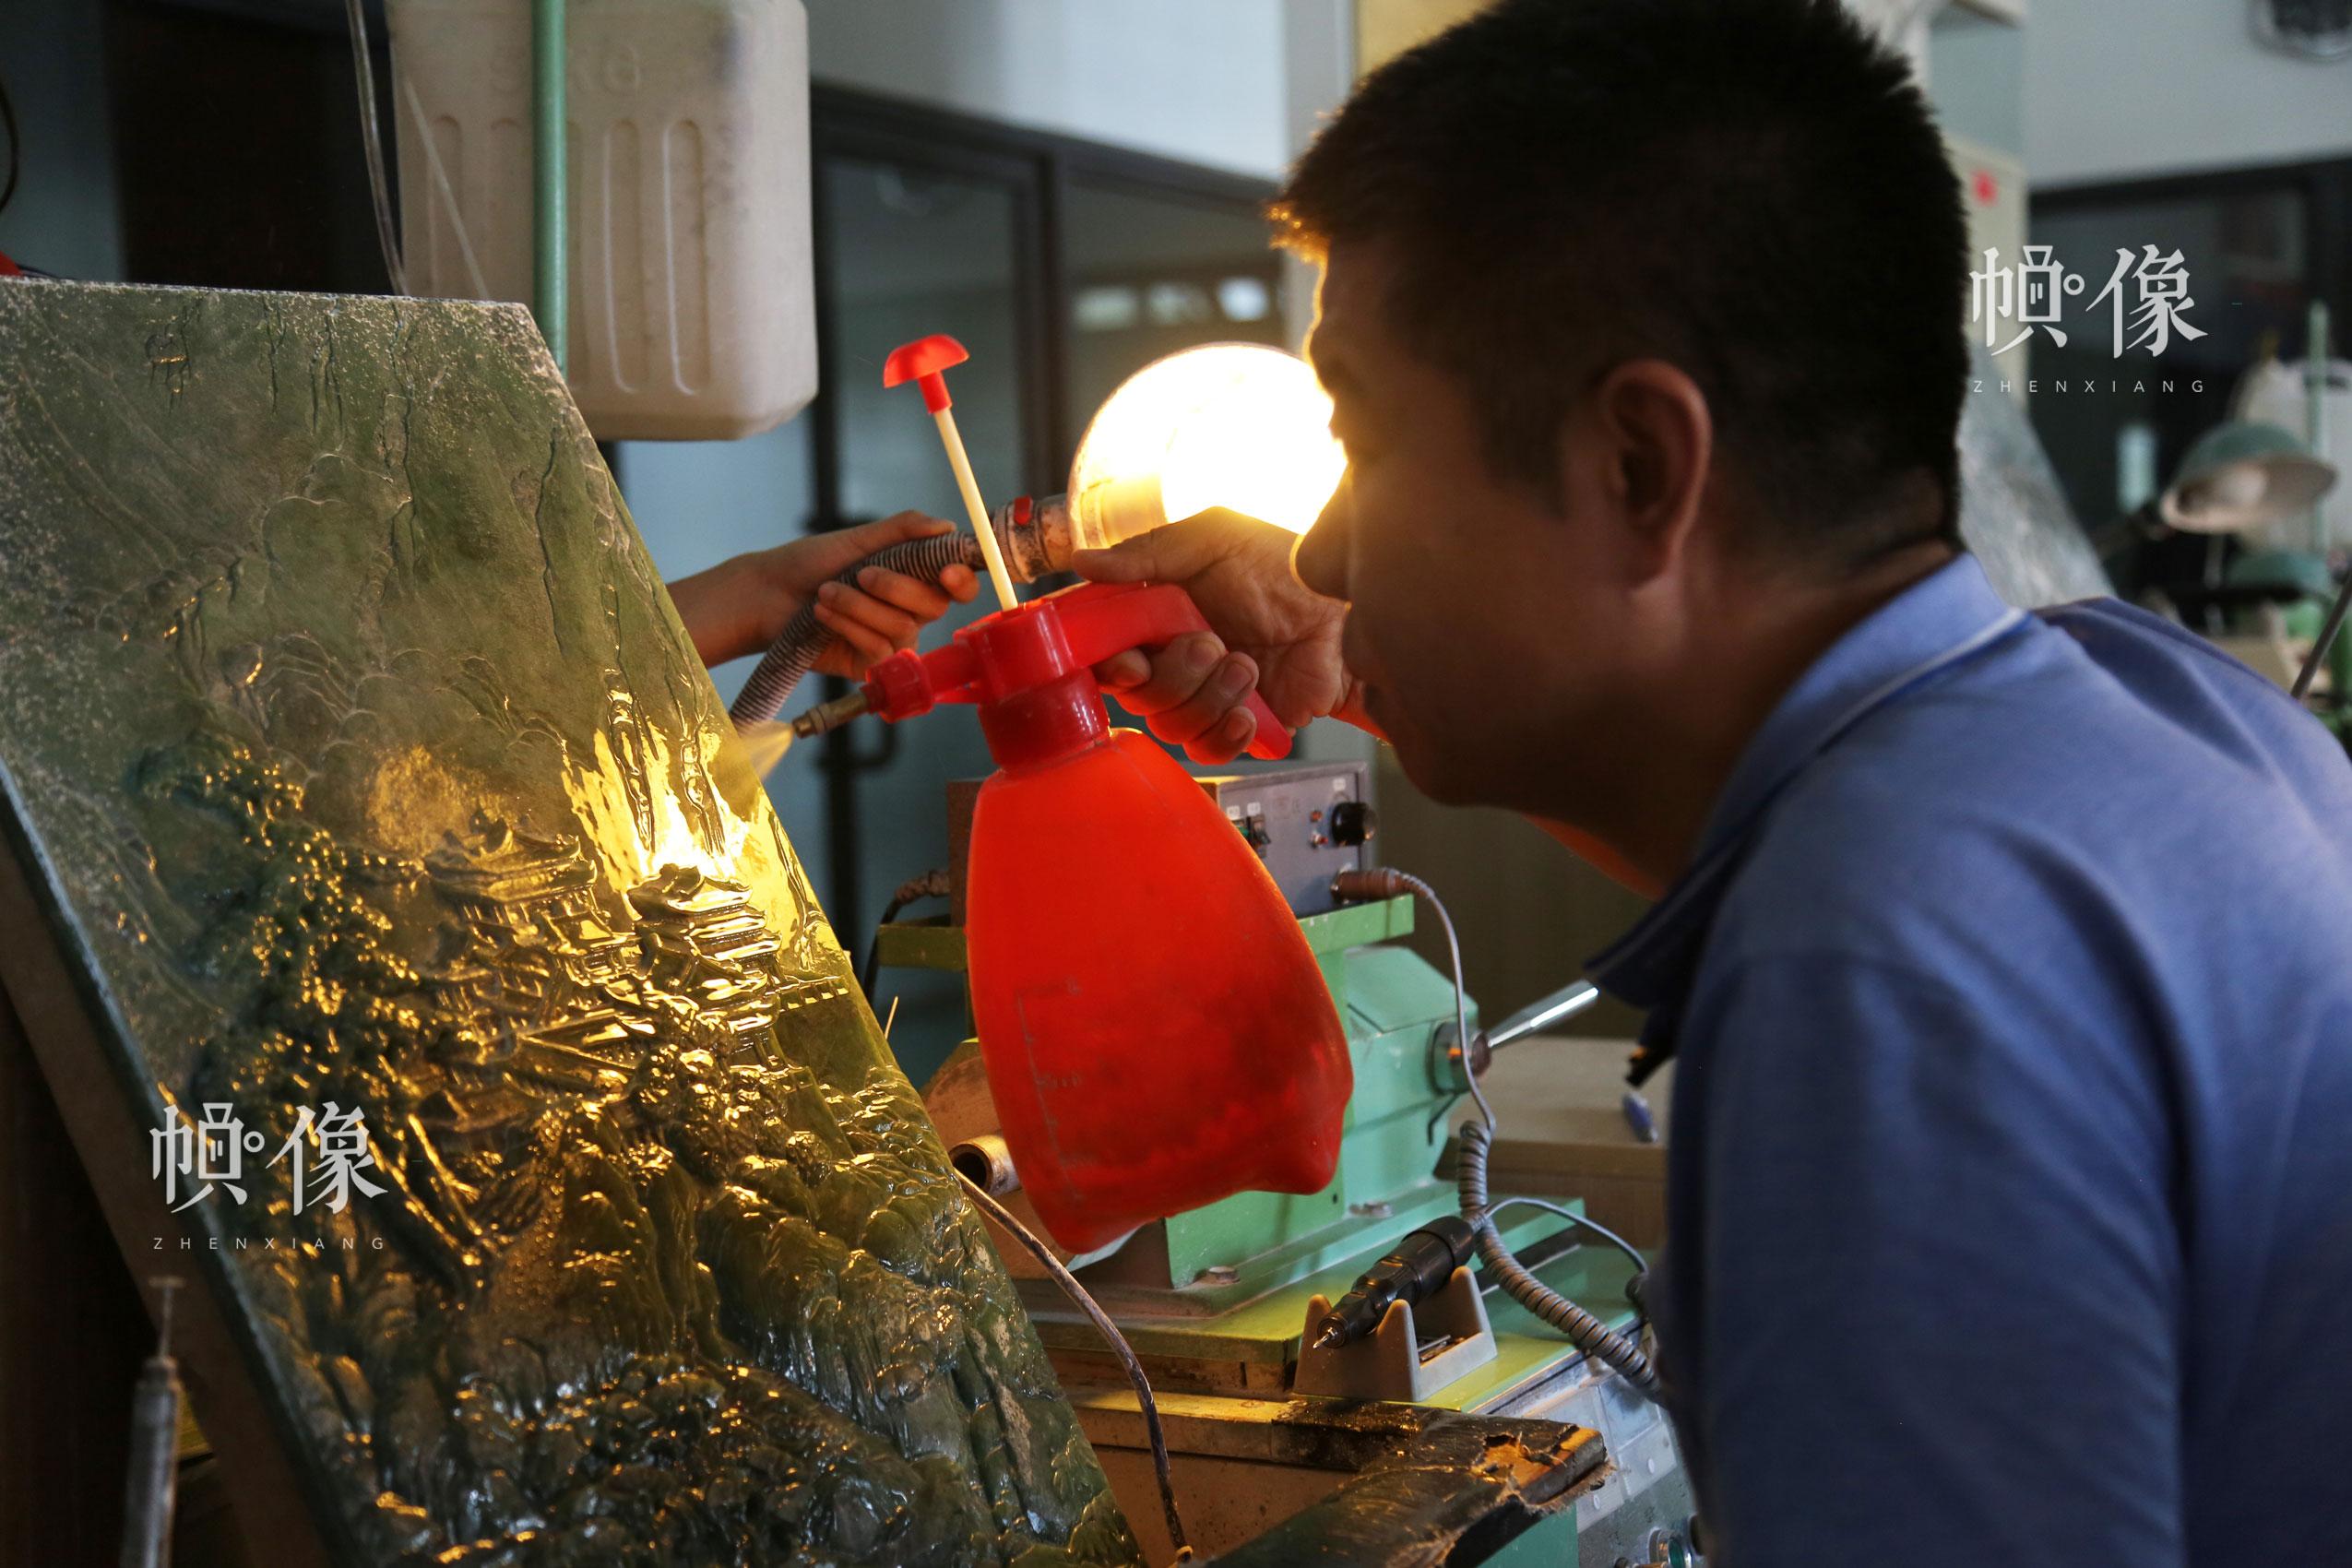 2017年9月5日,北京工美聚艺文化创意园区,中国玉雕大师张铁成用喷壶喷水去除玉雕画上的浮土。中国网记者 赵超 摄